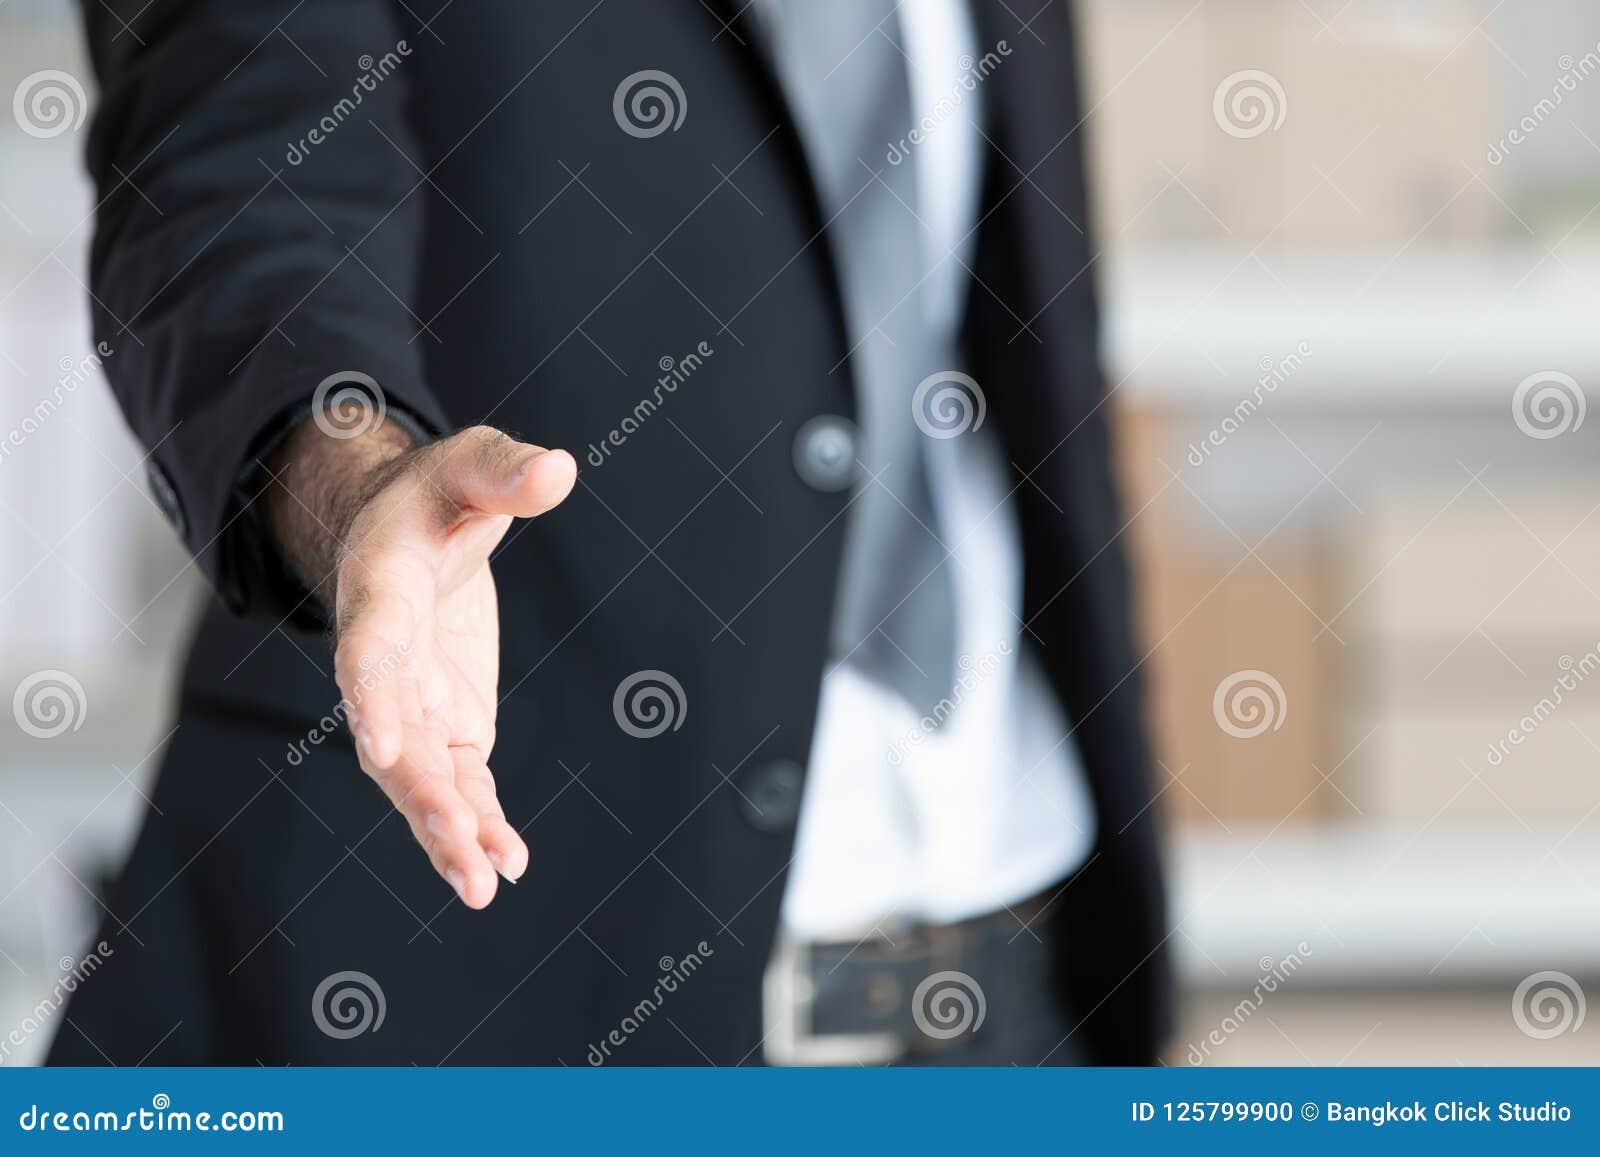 Biznesowy mężczyzna w czarnego kostiumu otwartej ręce przygotowywającej trząść ręki, norma